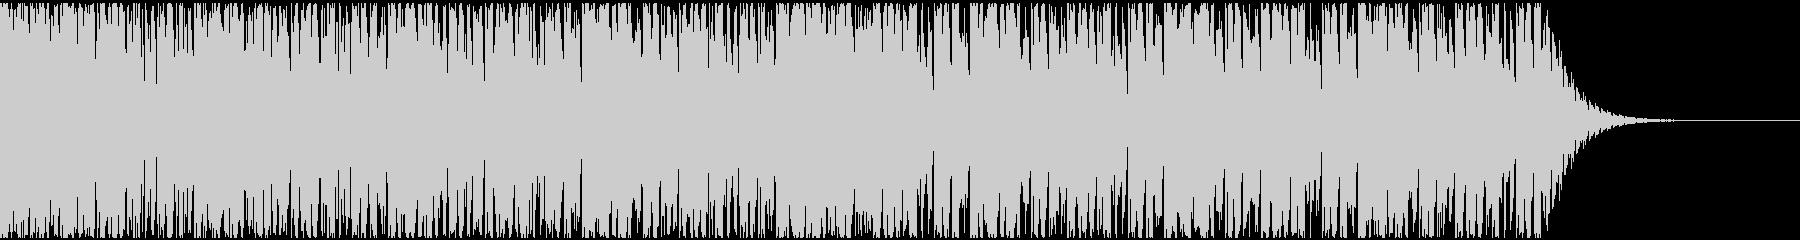 【EDM】ロング7、ミディアム2の未再生の波形